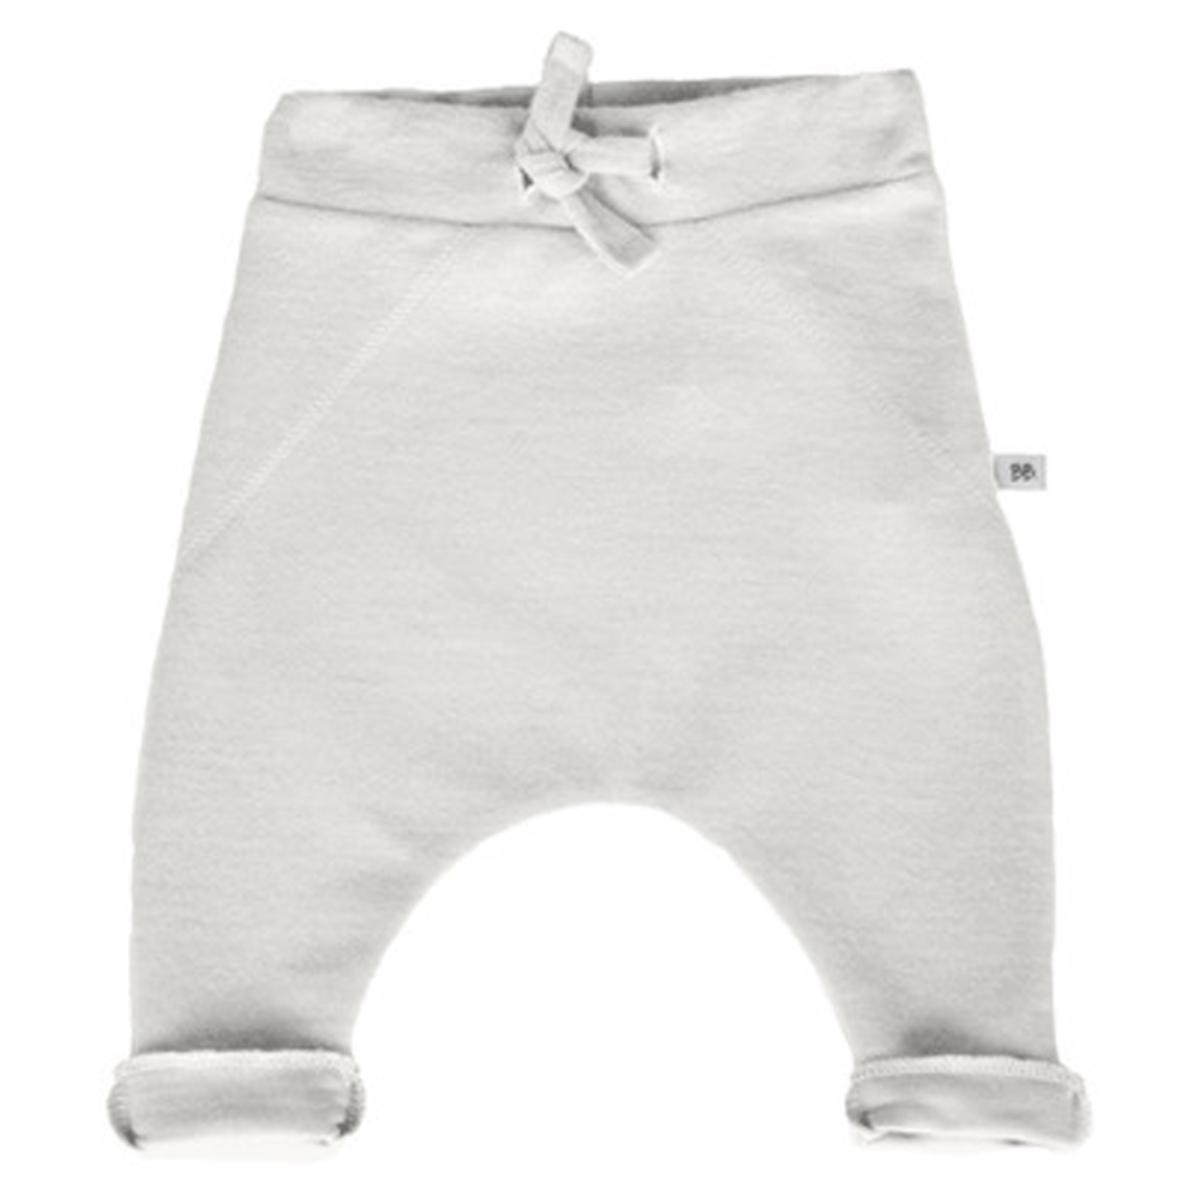 Bas bébé Jogging Blanc - 3 Mois Jogging Blanc - 3 Mois